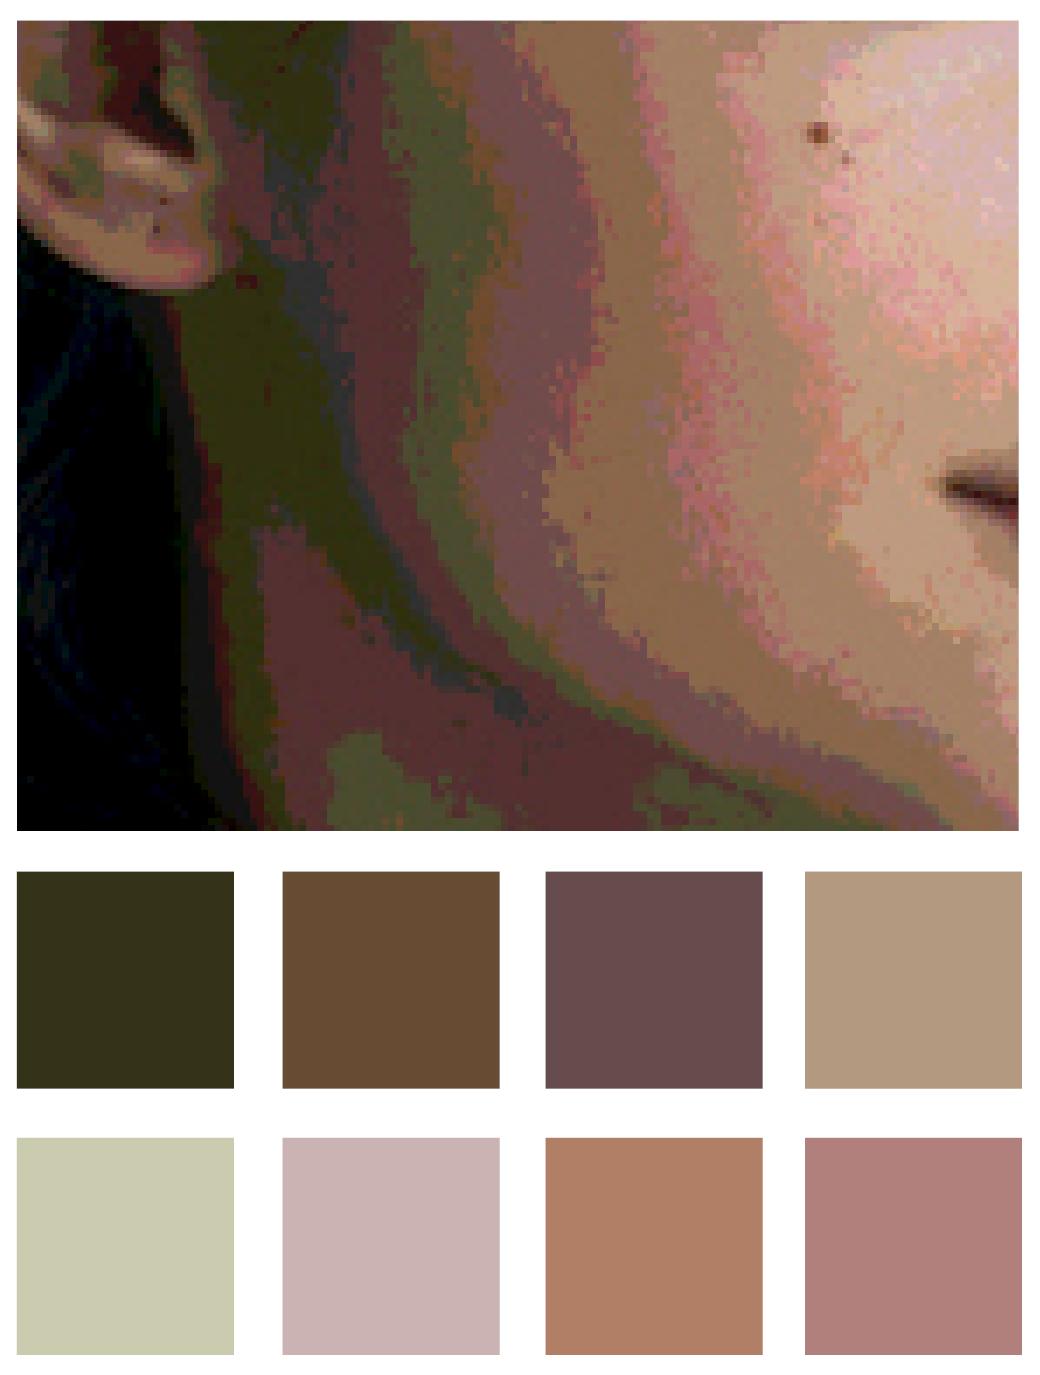 Hauttöne - Tontrennung - Hautfarbe zeichnen